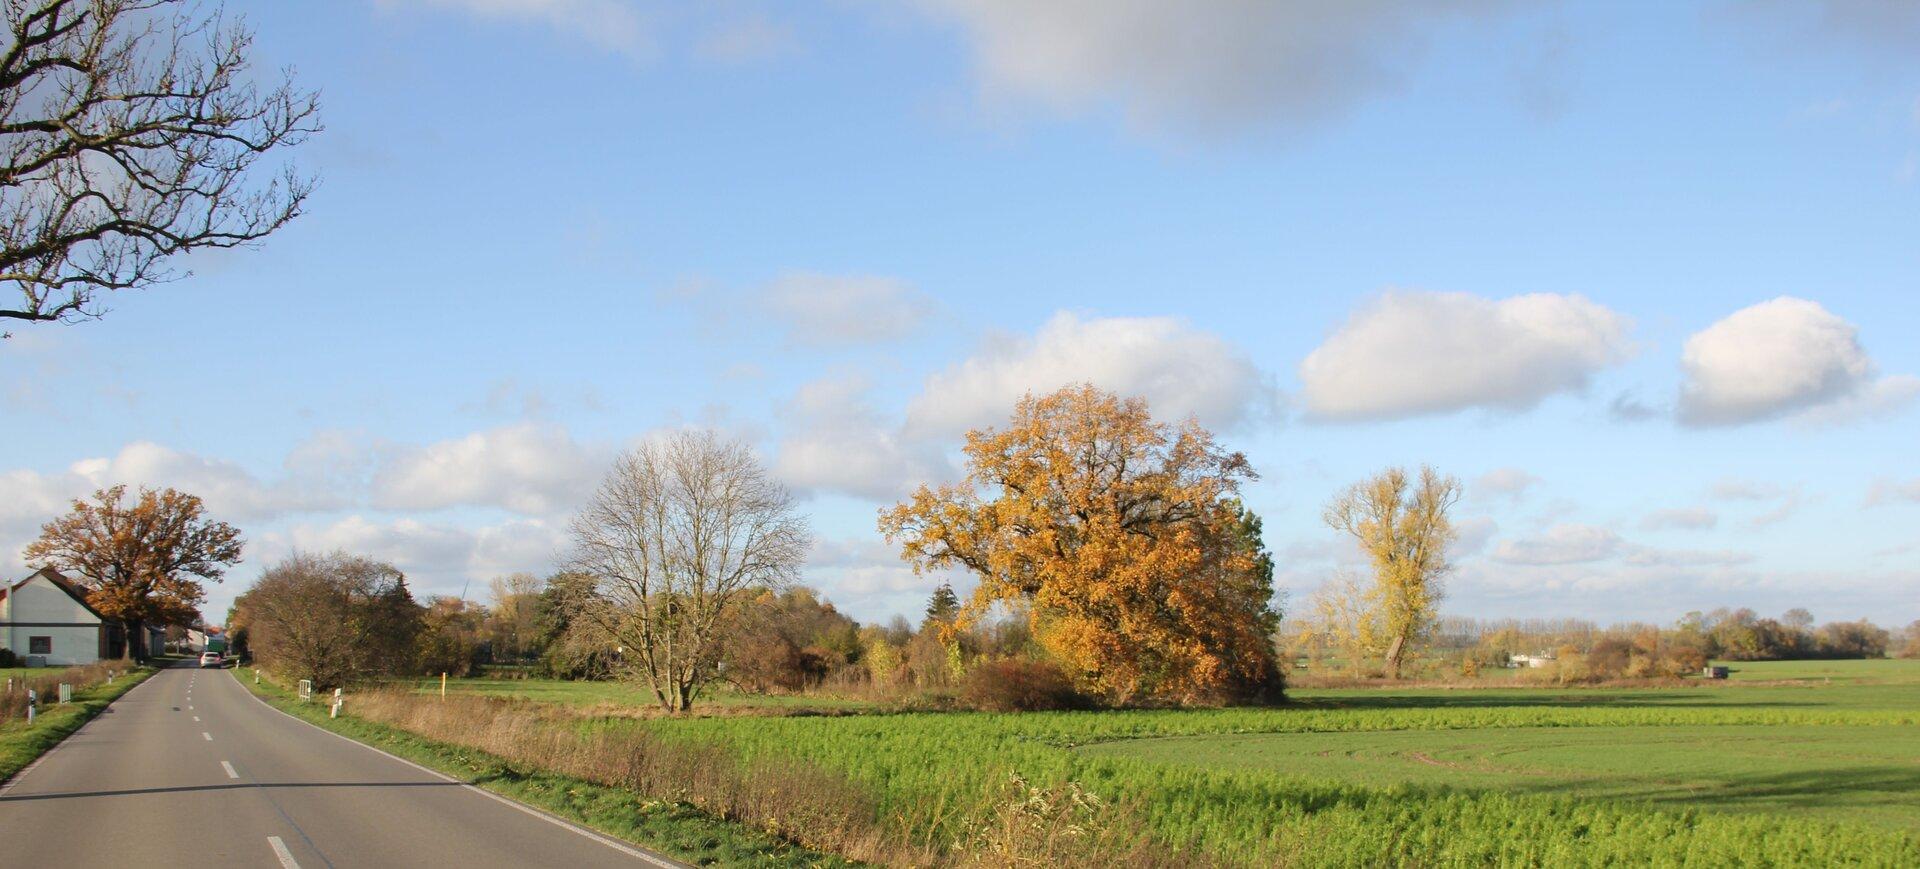 Anfahrt aus Richtung Wittstock